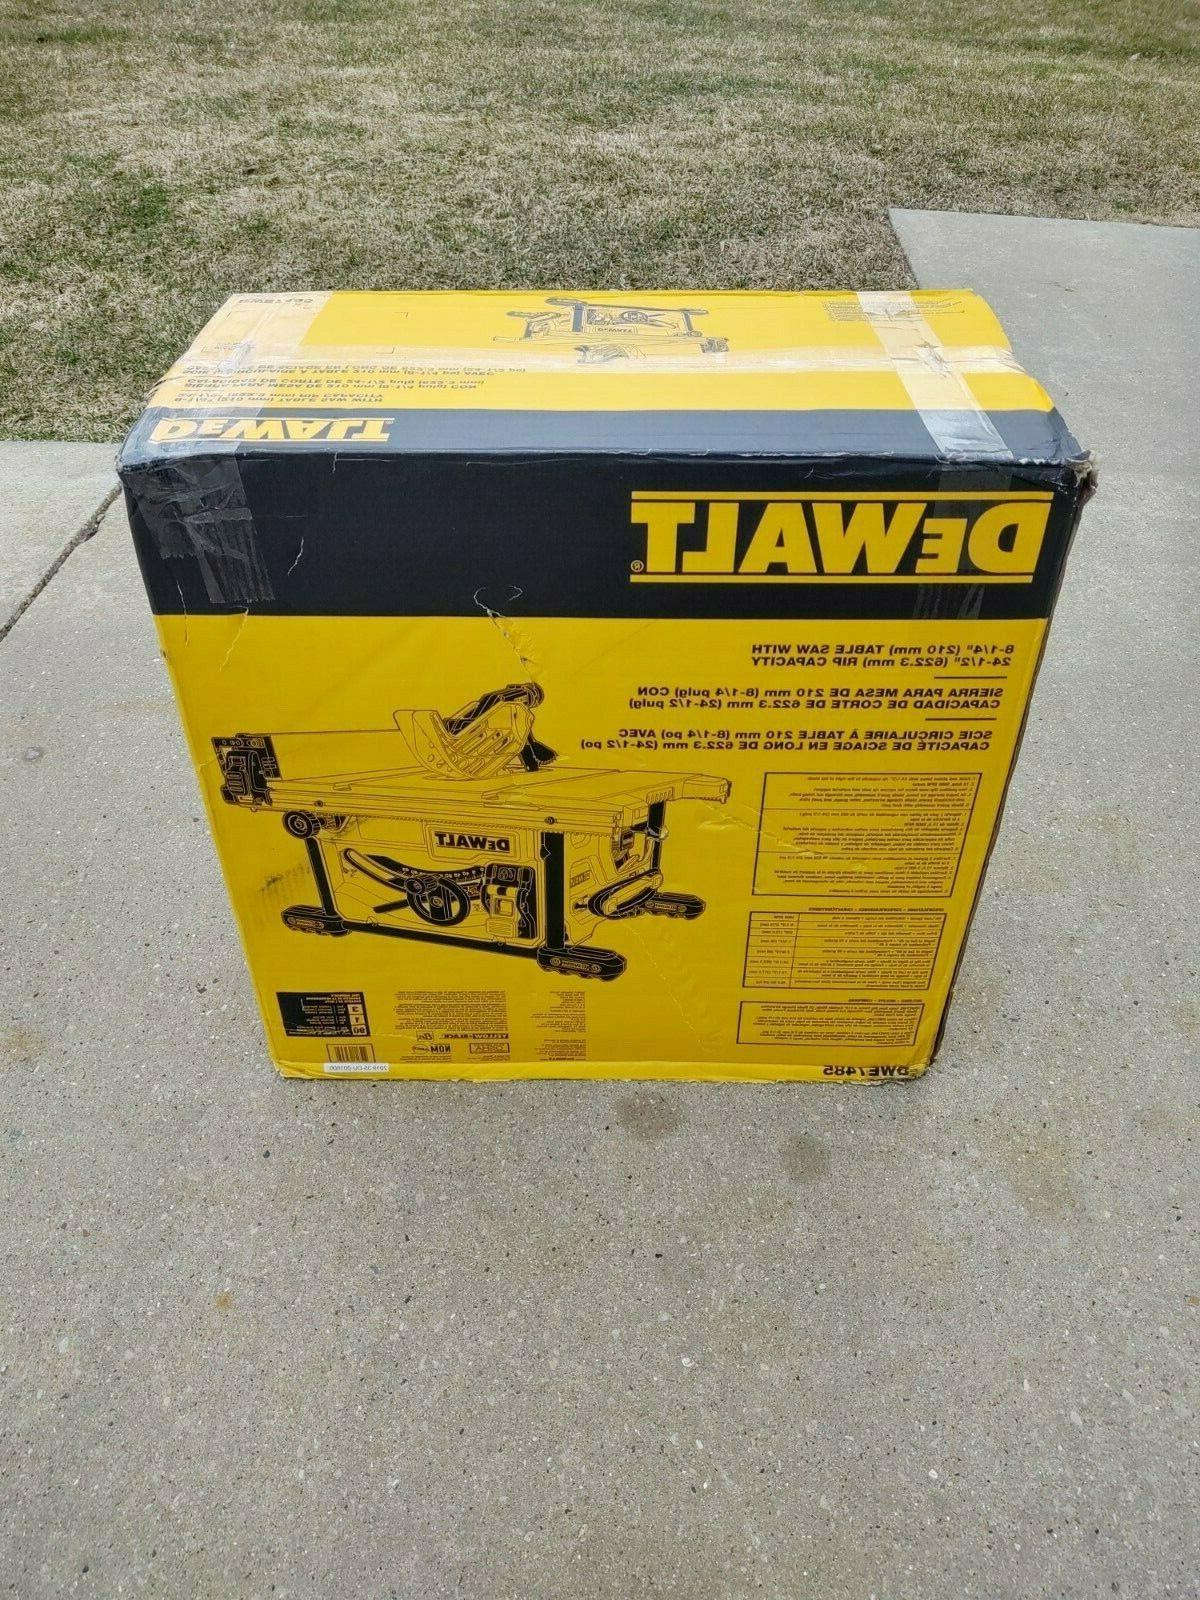 Dewalt DWE7485 Compact Tablesaw NIB